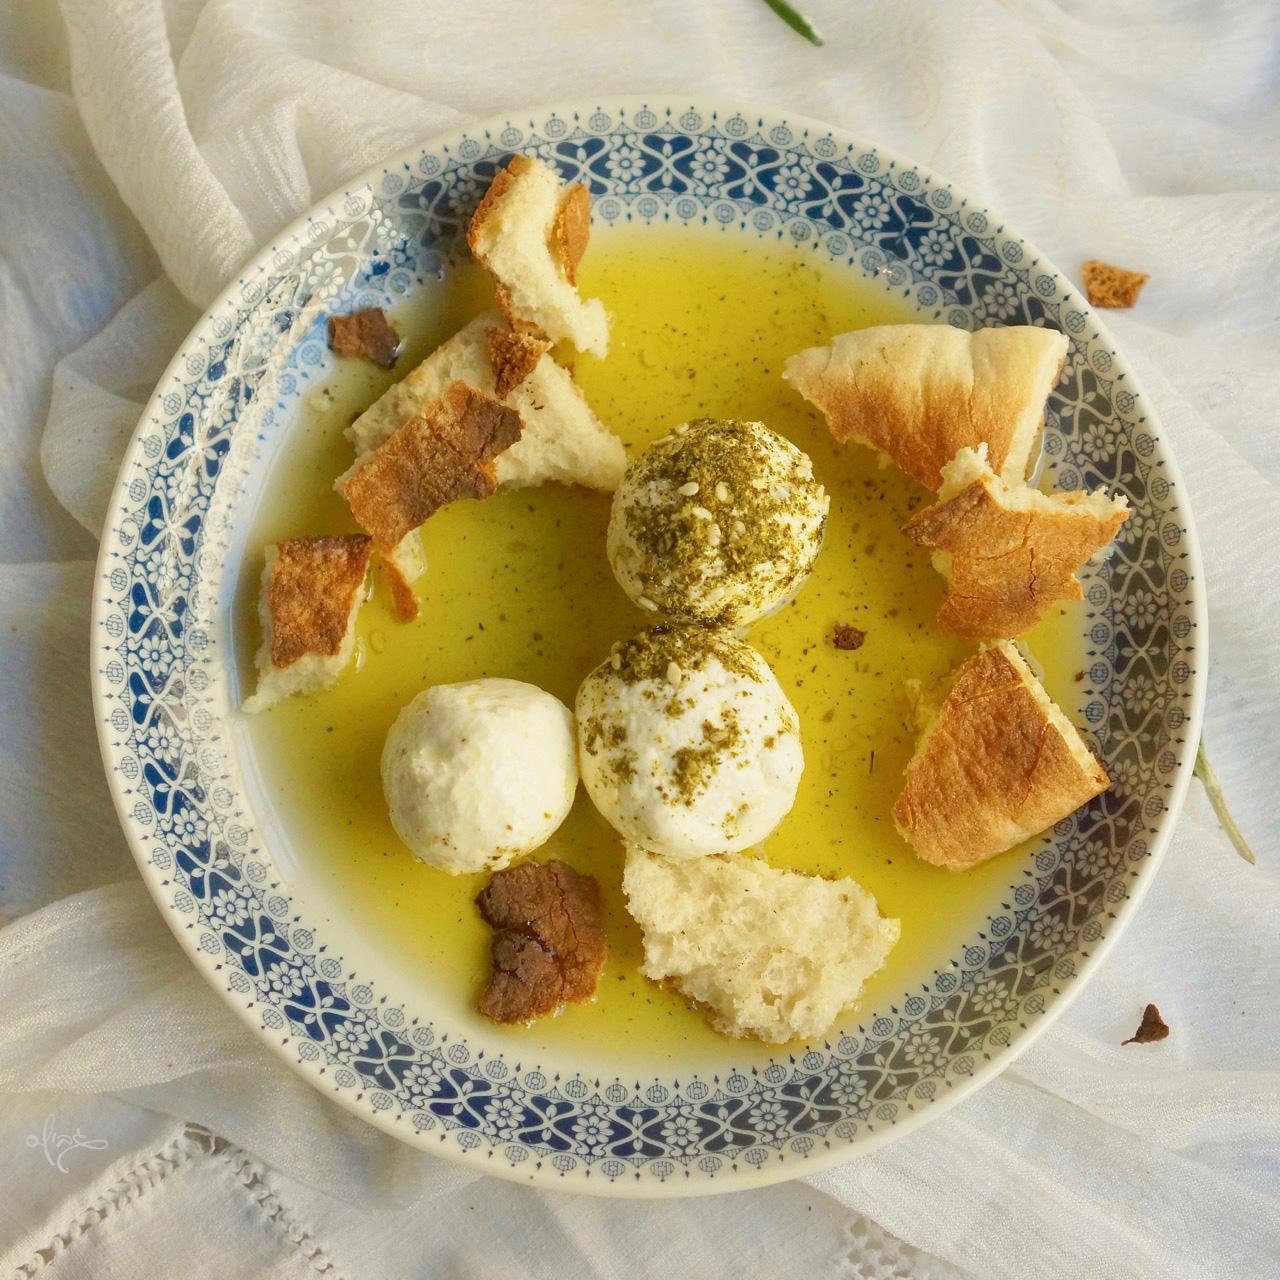 לבנה וכדורי לבנה, גבישס, בלוג האוכל של מירב גביש.